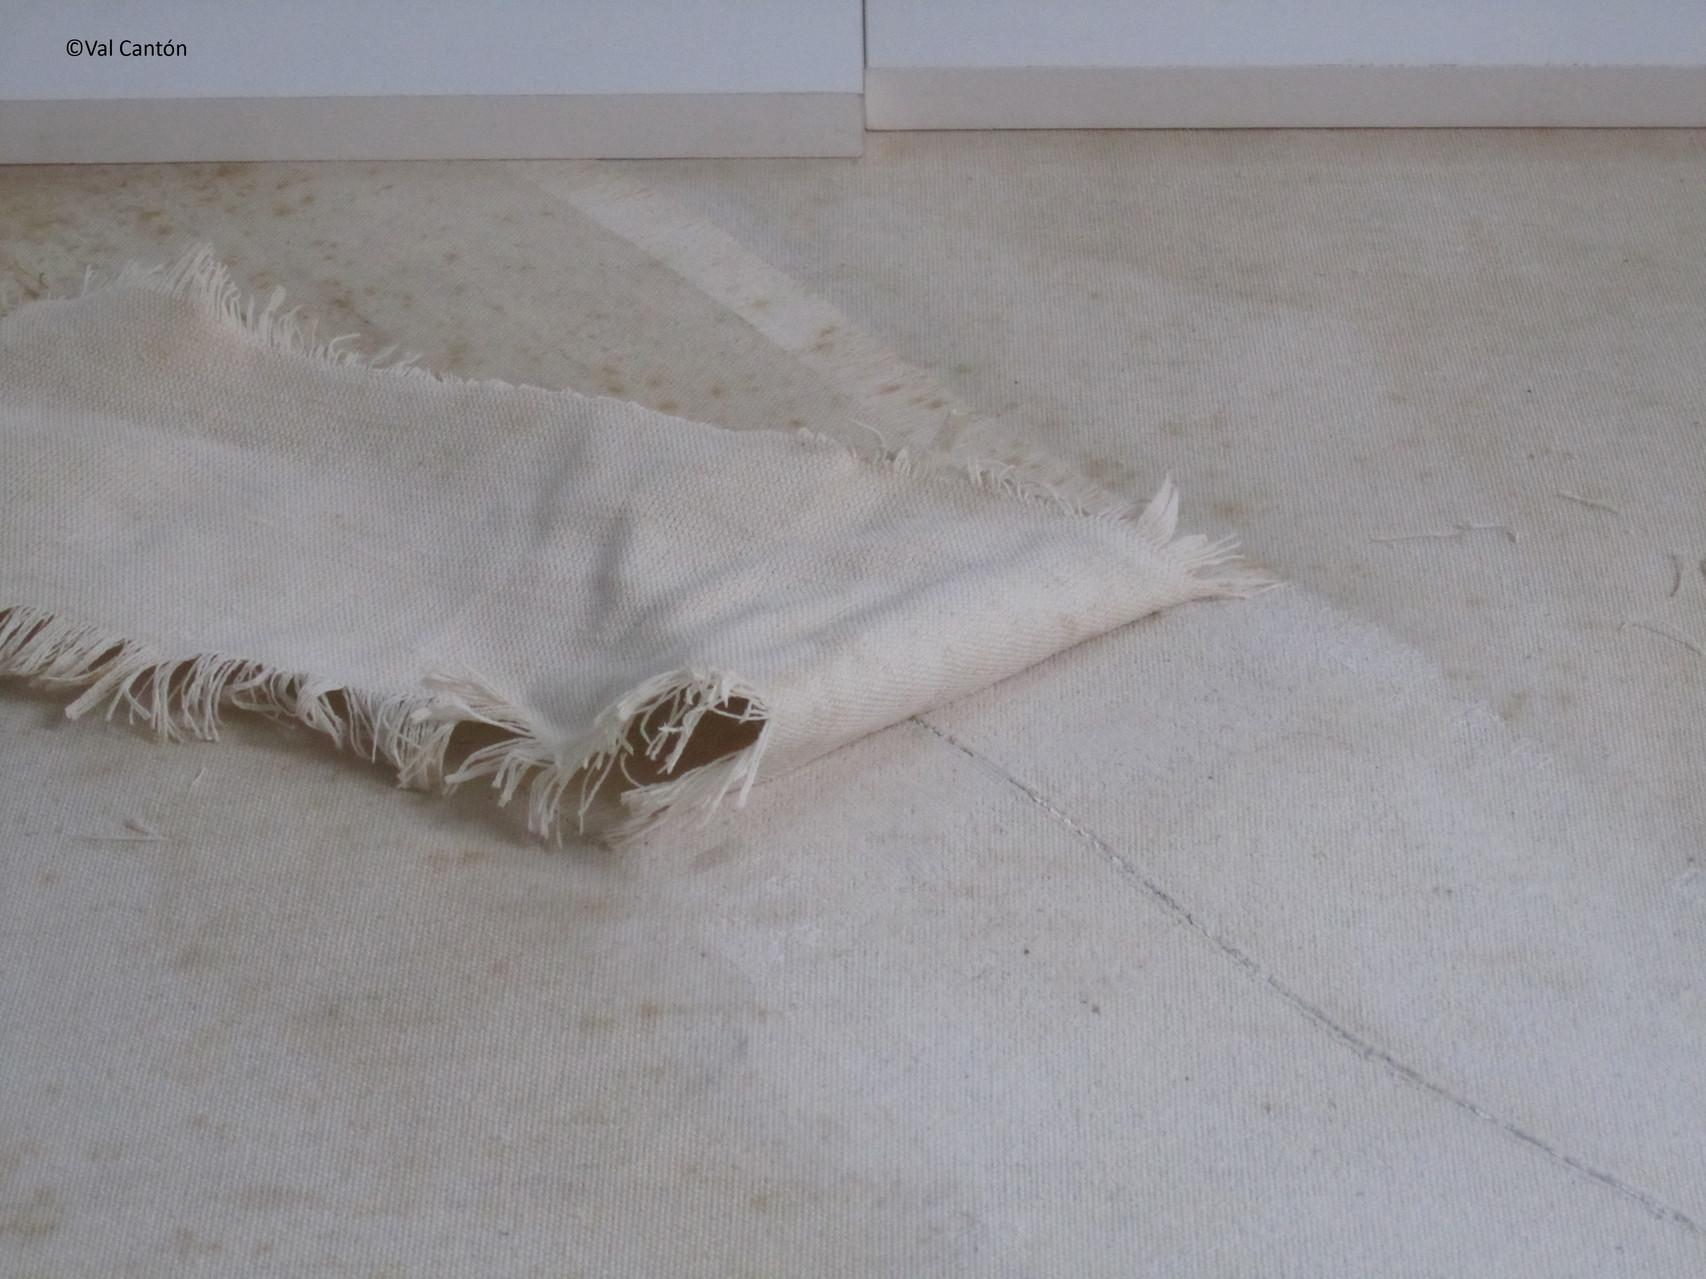 Proceso de eliminación de parche de tela.